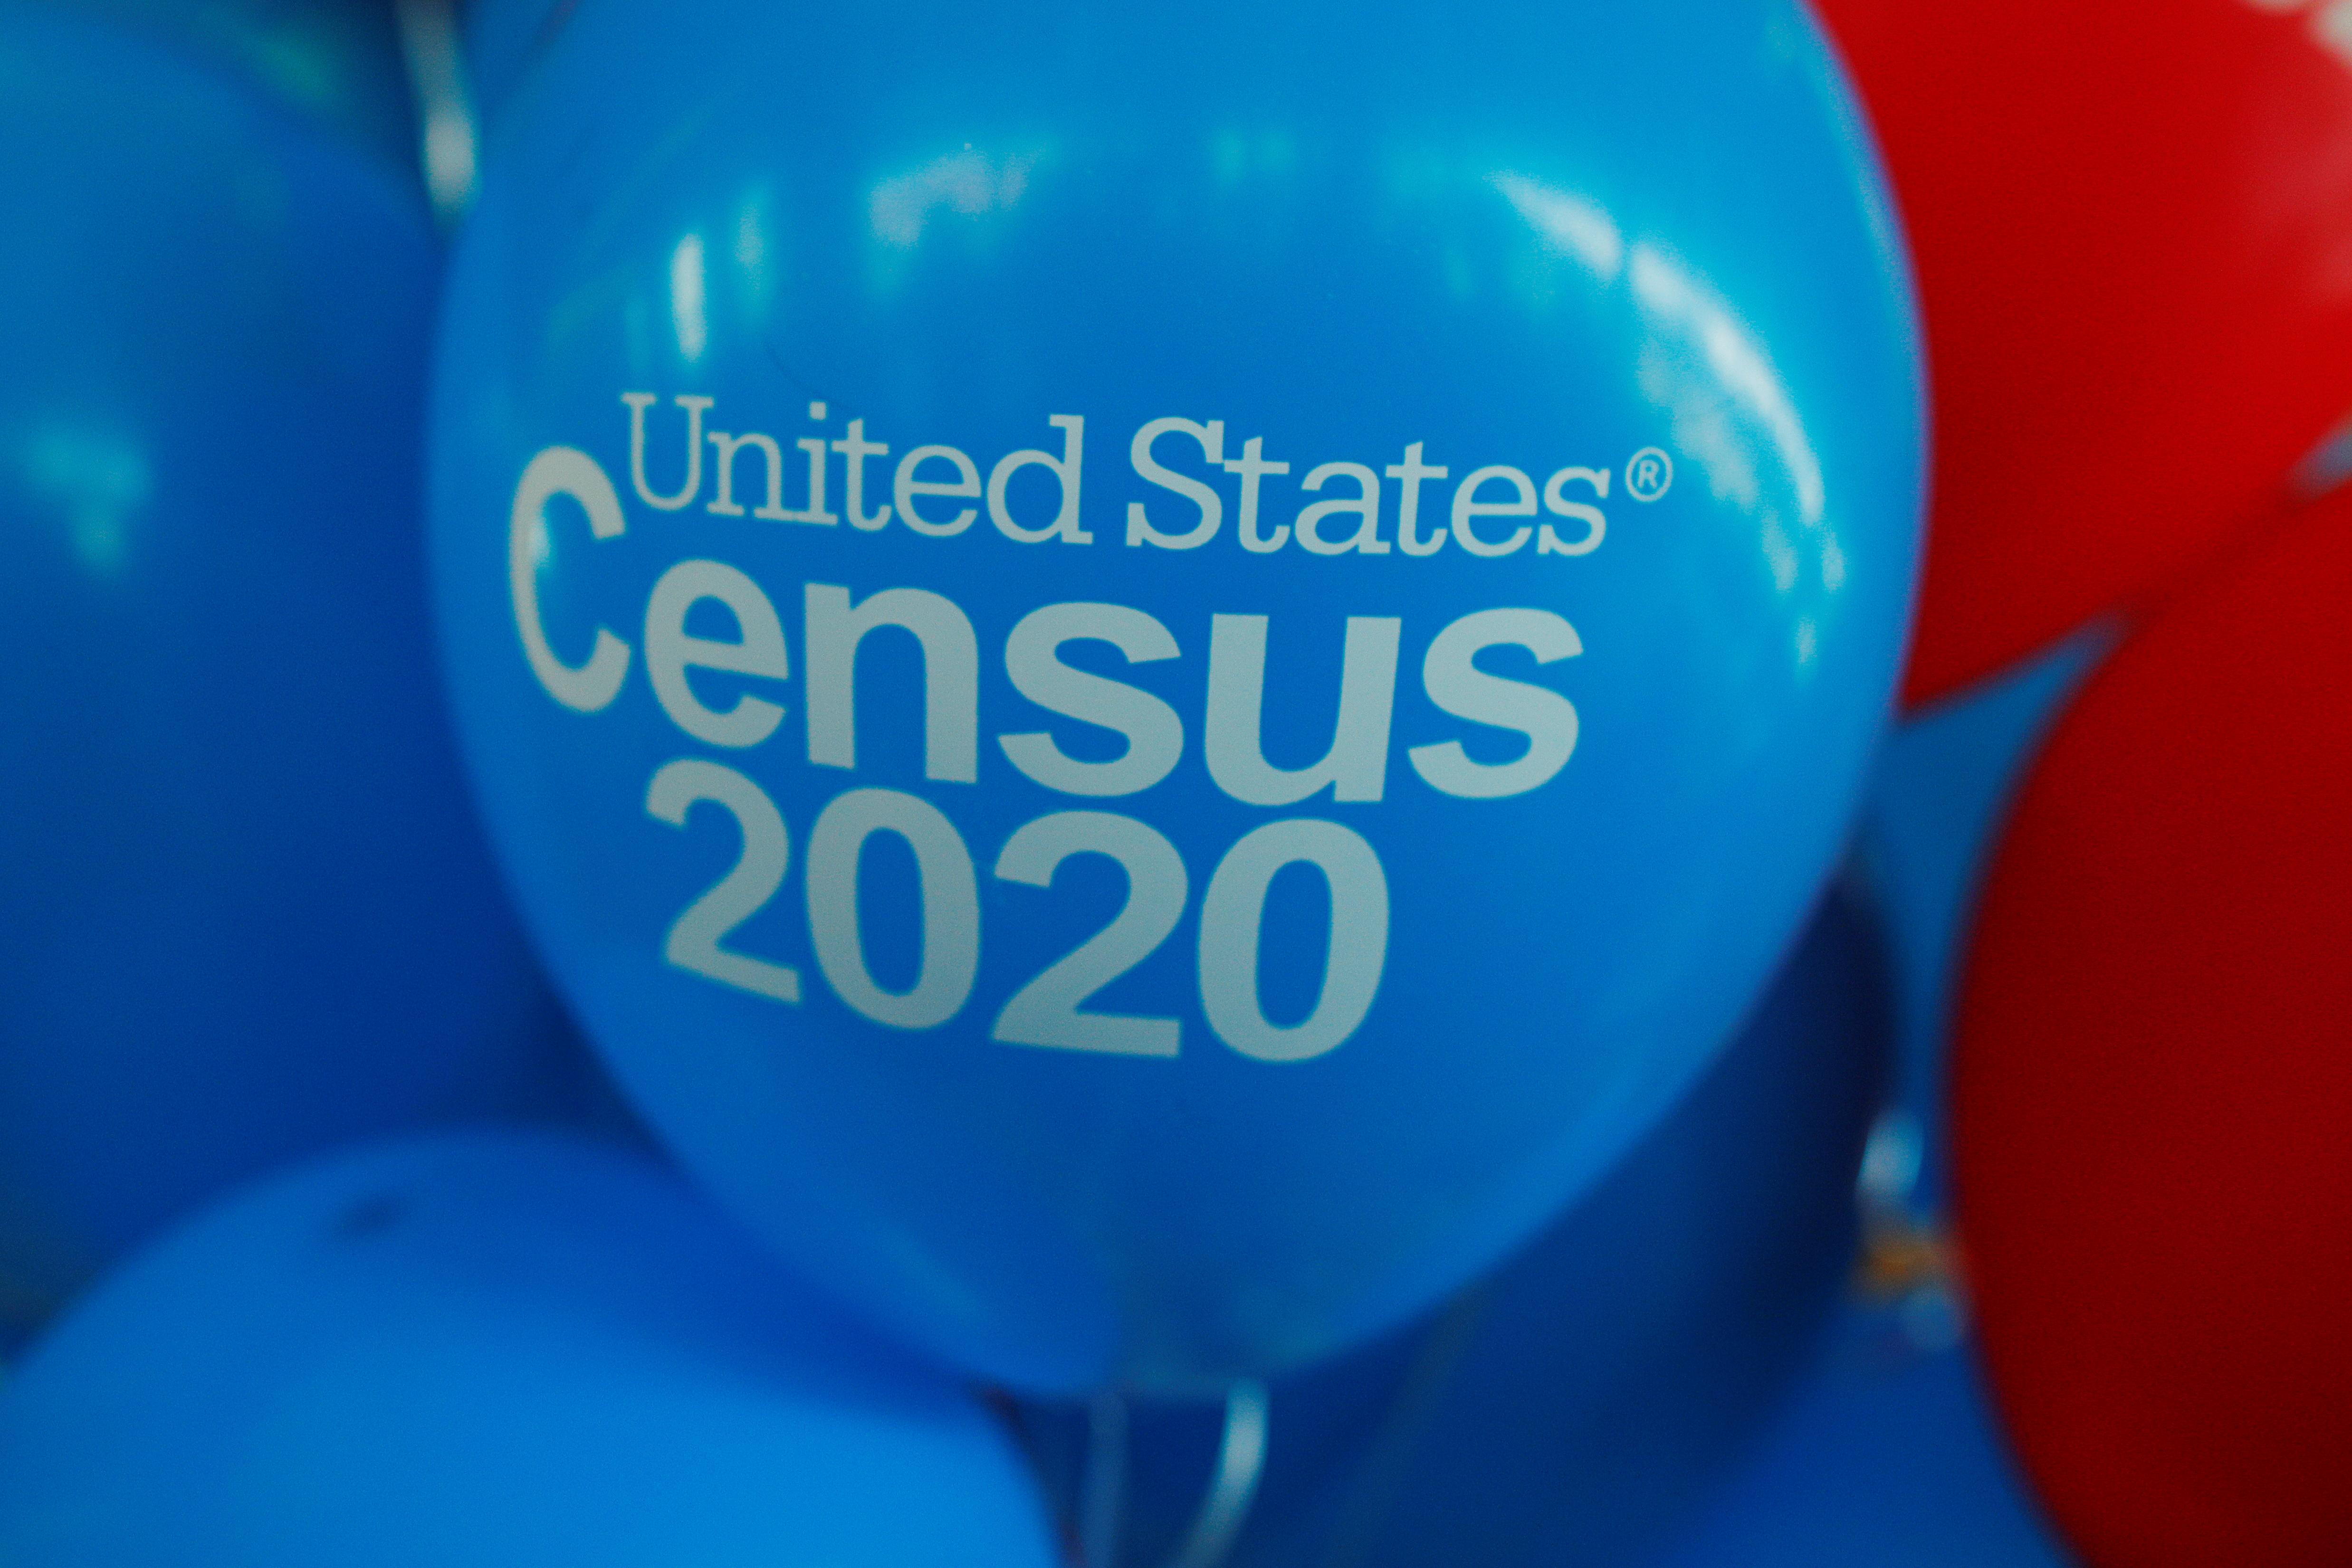 Nouvelle agitation du recensement américain alors que Trump poursuit à la question de la citoyenneté